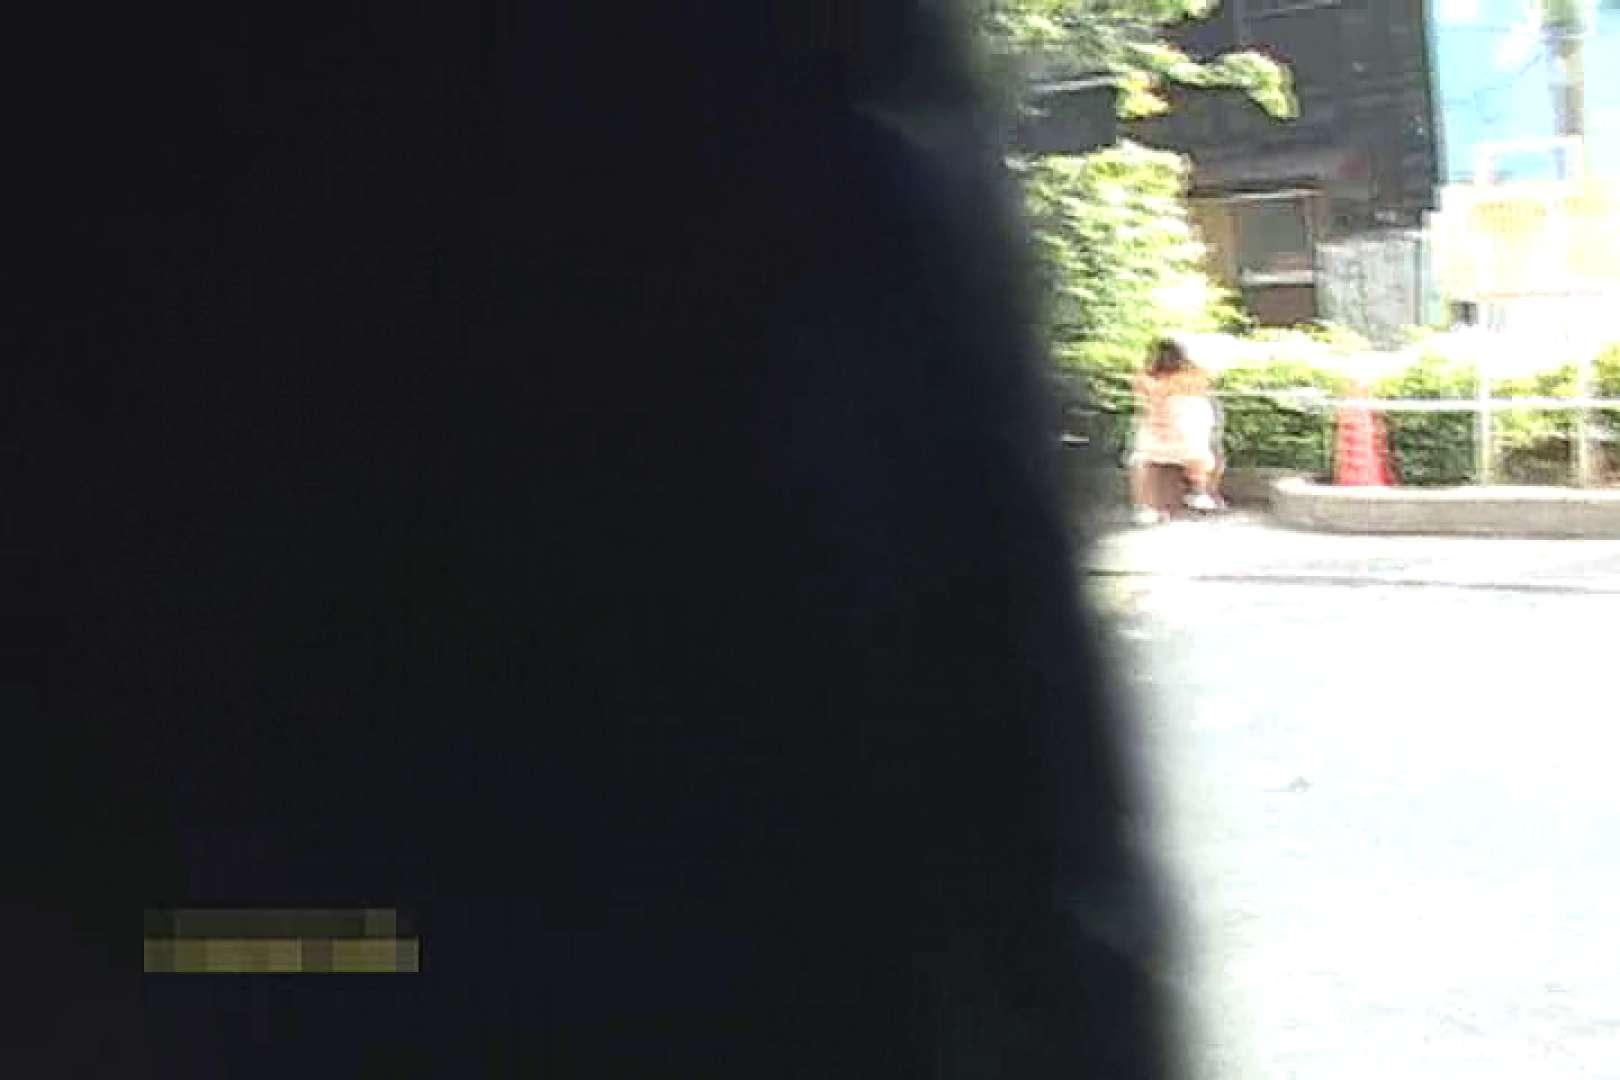 徘徊撮り!!街で出会った乳首たちVol.2 OLの実態 | チラ  49pic 6